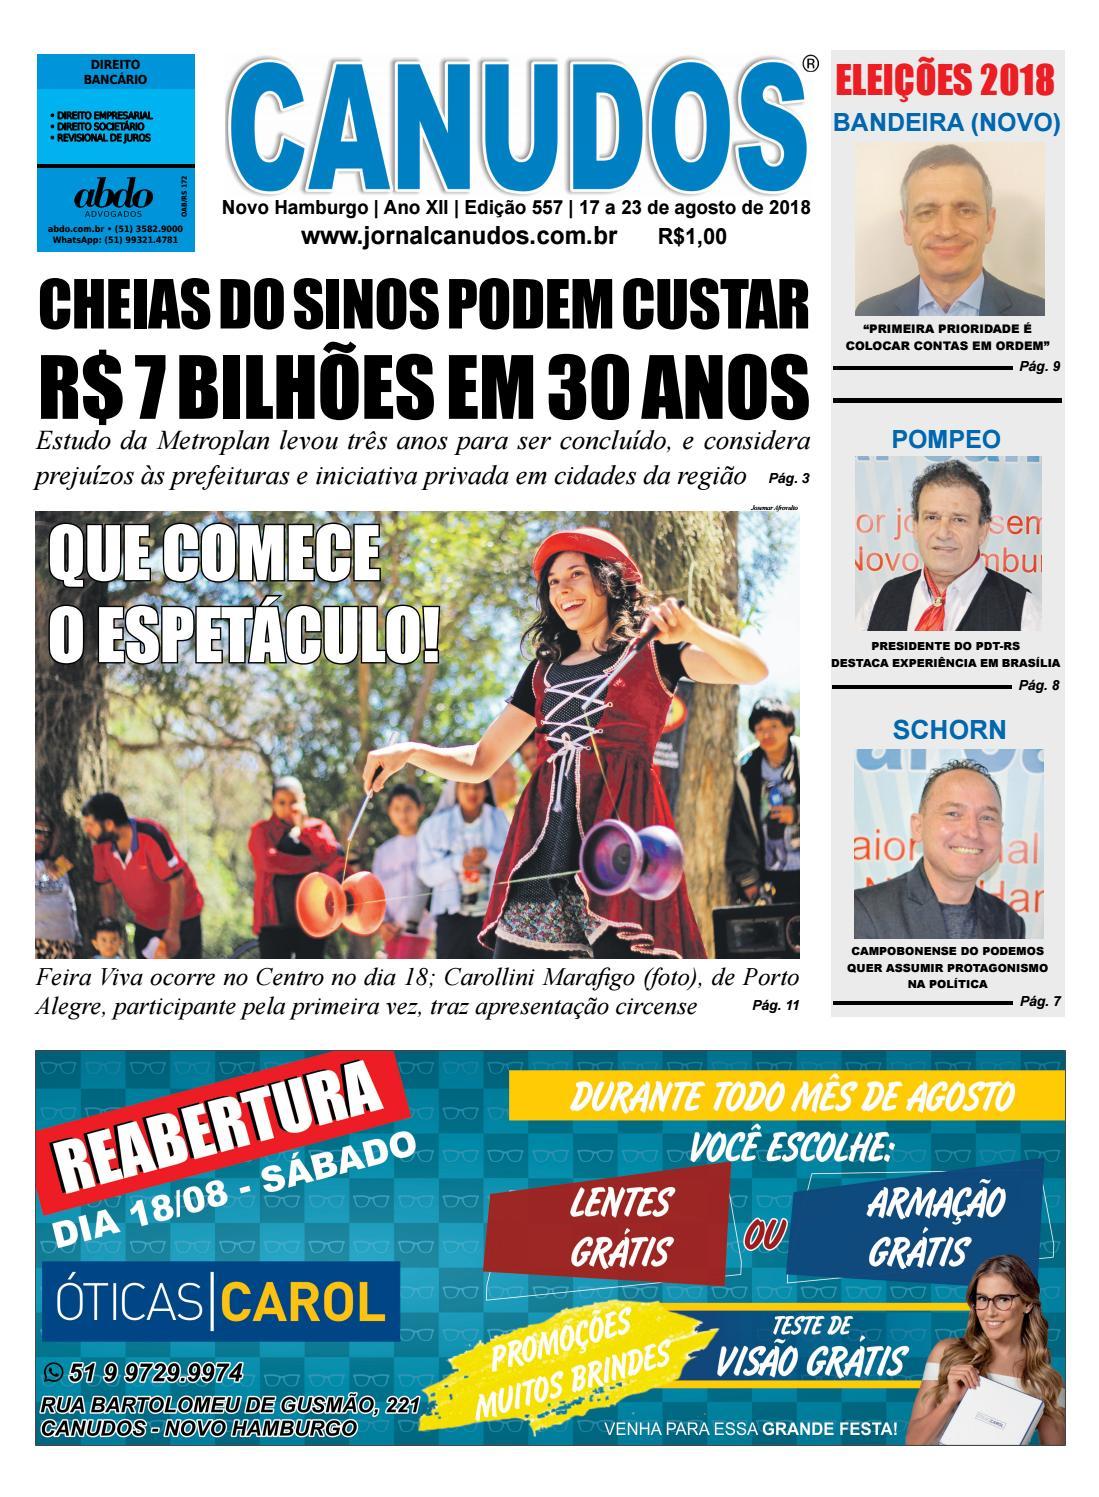 Jornal Canudos - Edição 557 by Jornal Canudos - Comercial - issuu 8428de5289